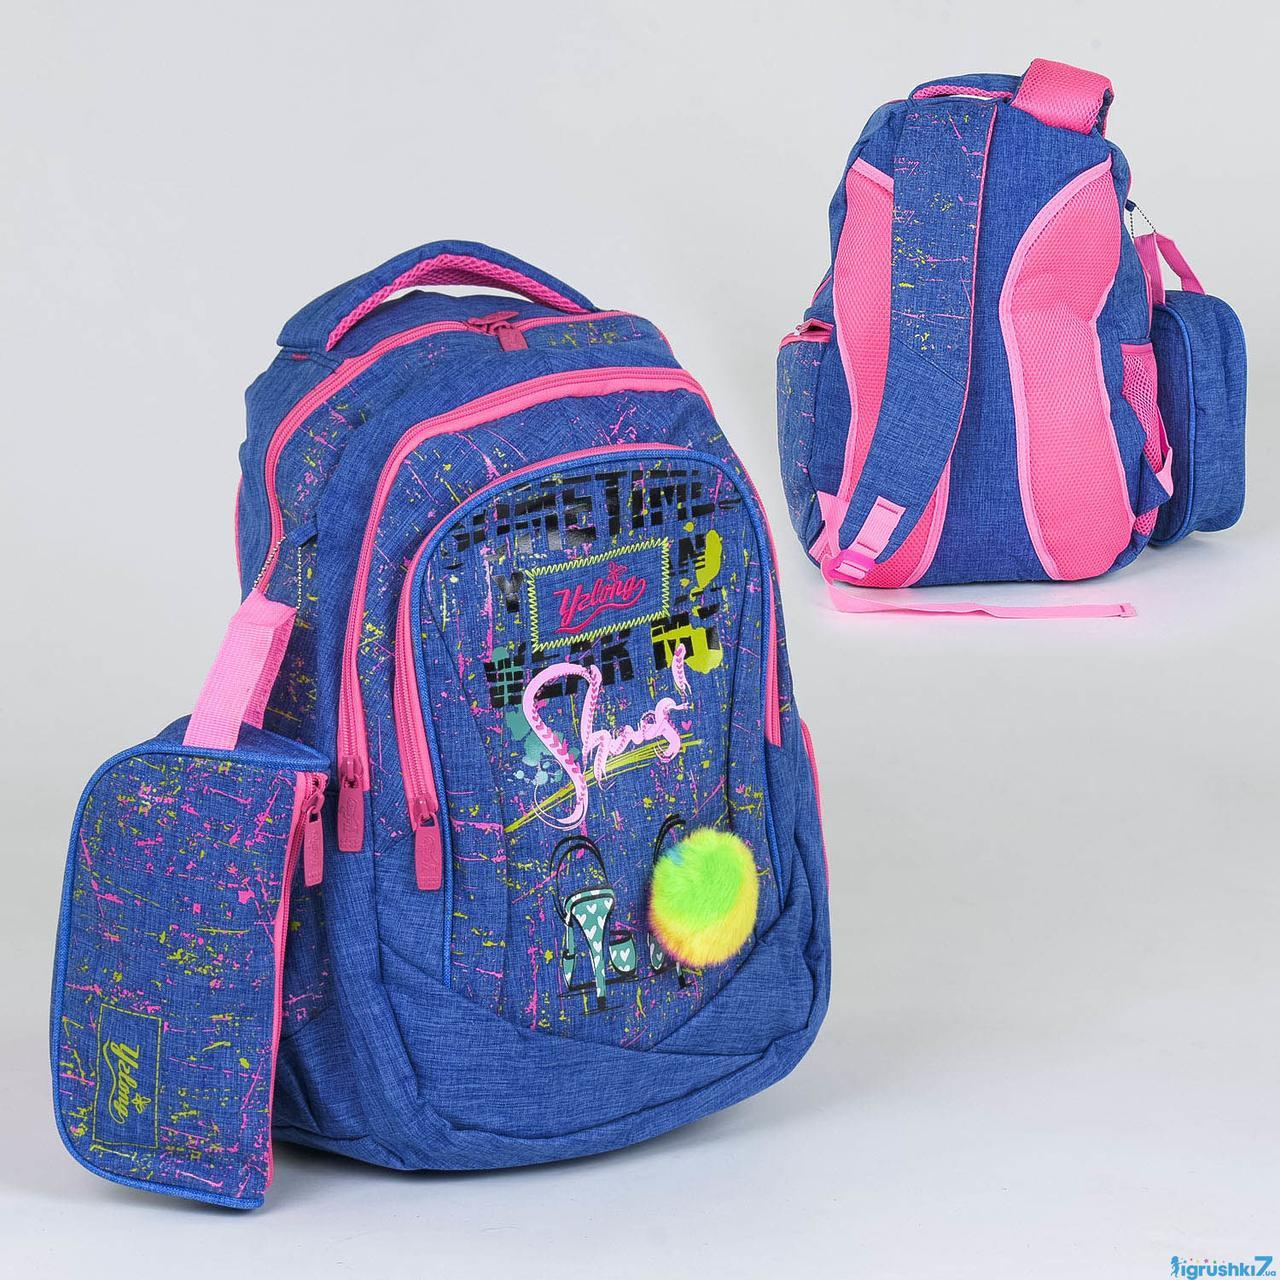 Рюкзак школьный C 36318, 3 отделения, 2 кармана, пенал, мягкая спинка